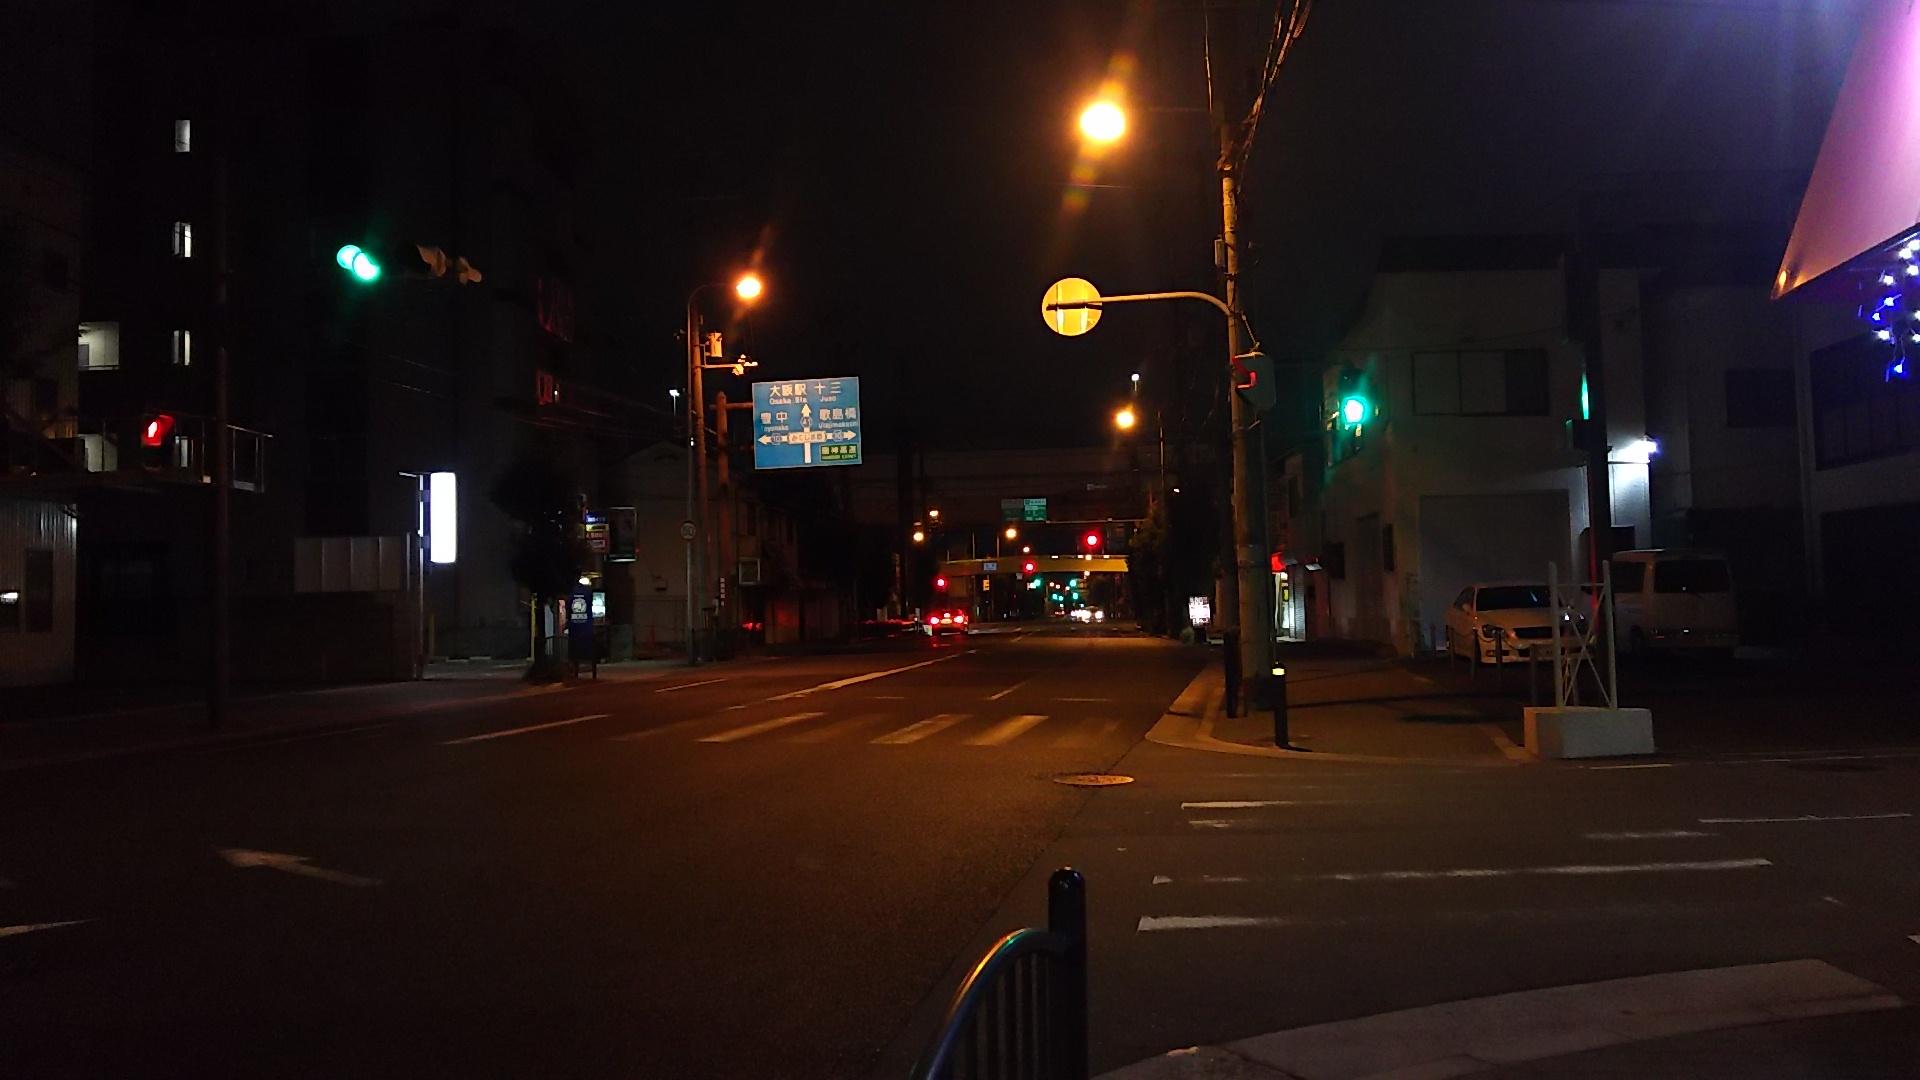 セブンイレブン 大阪加島3丁目店に入る交差点 東方向を向いて